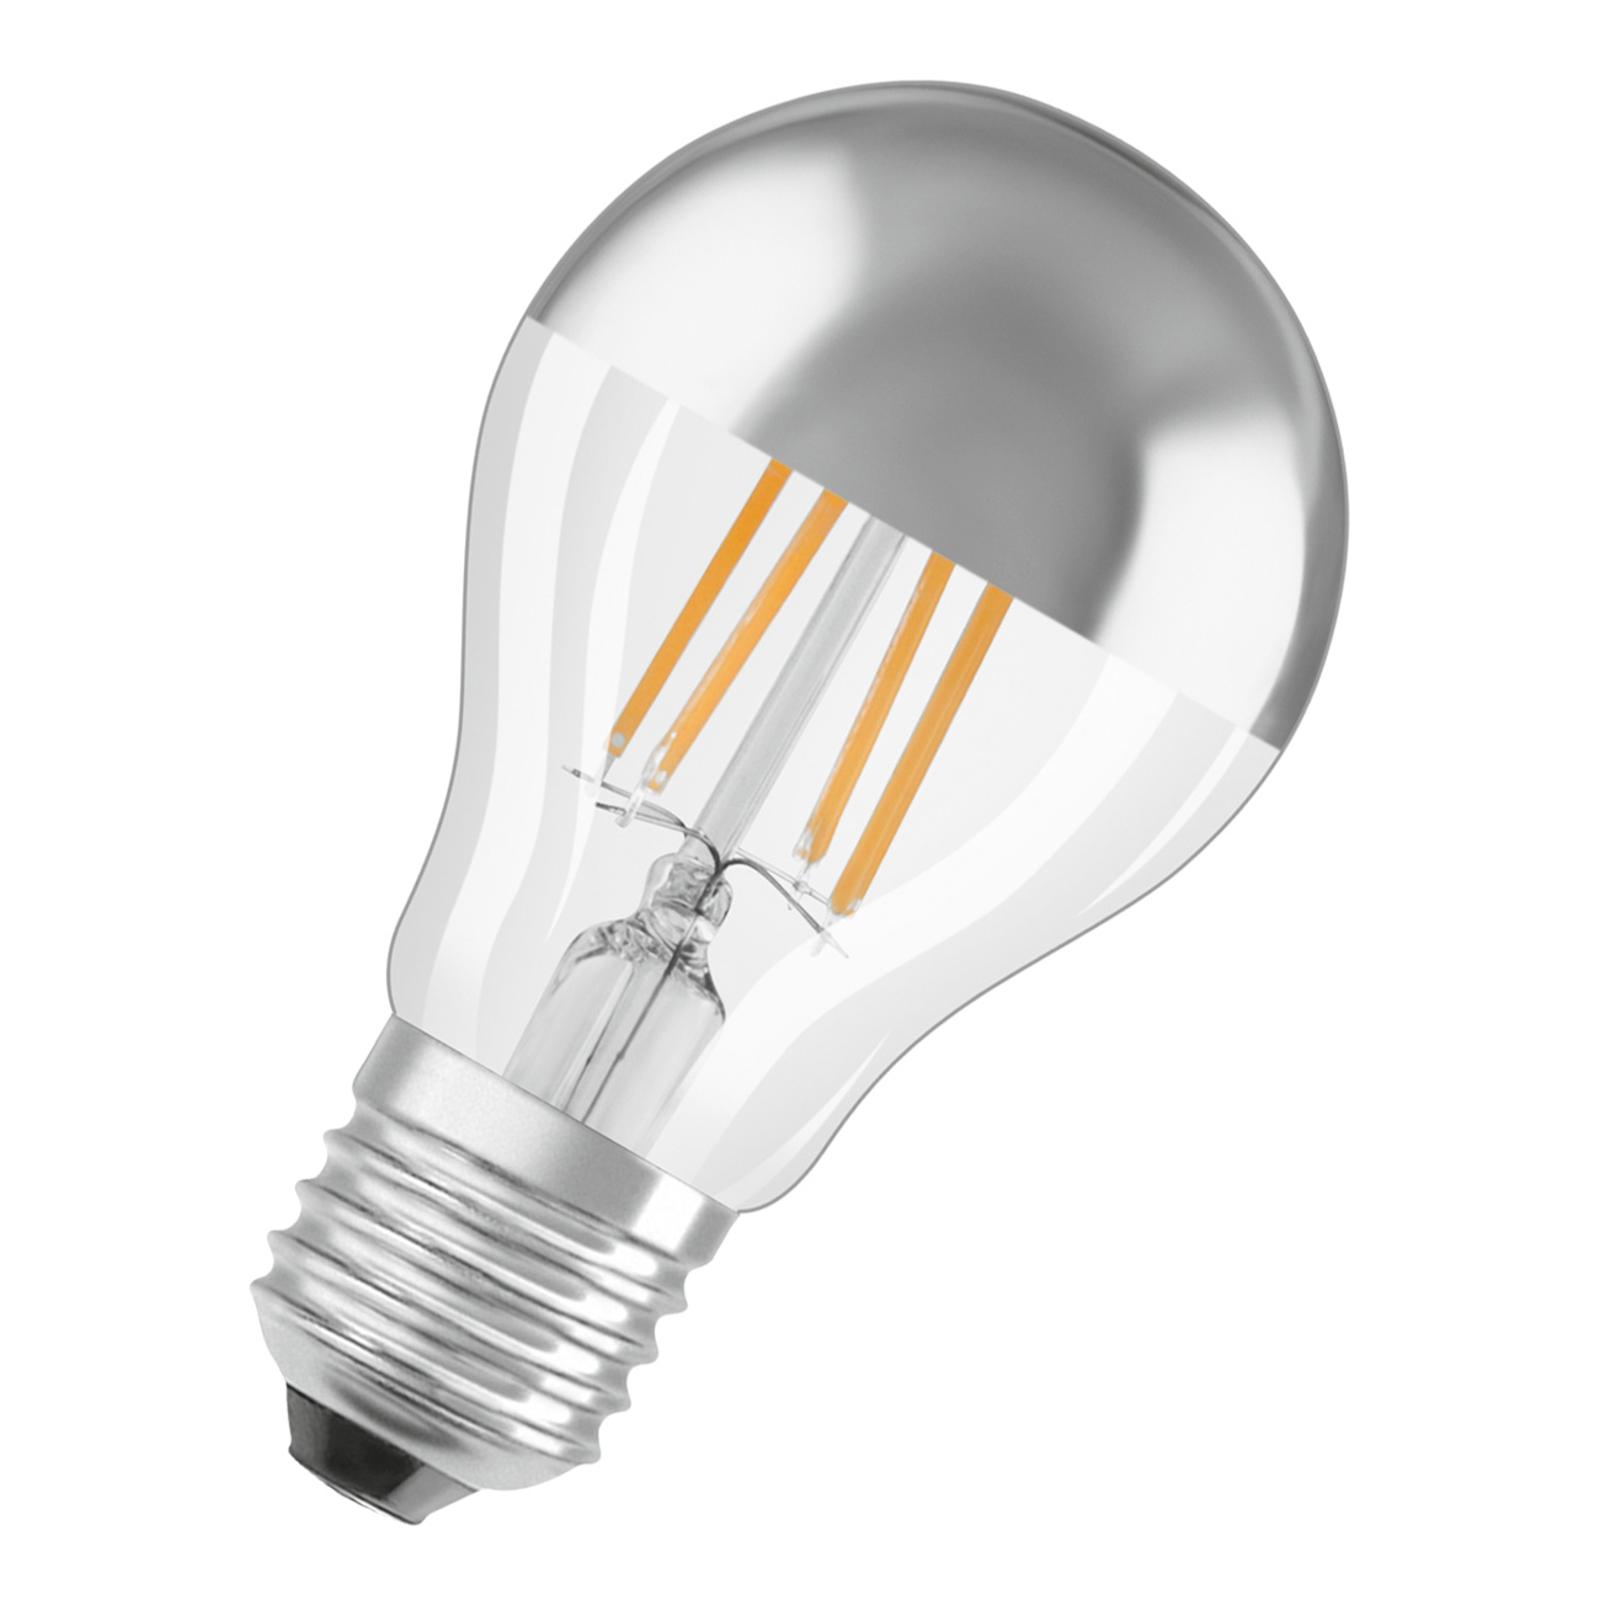 OSRAM LED-Lampe E27 6,5W Mirror silver 2.700K